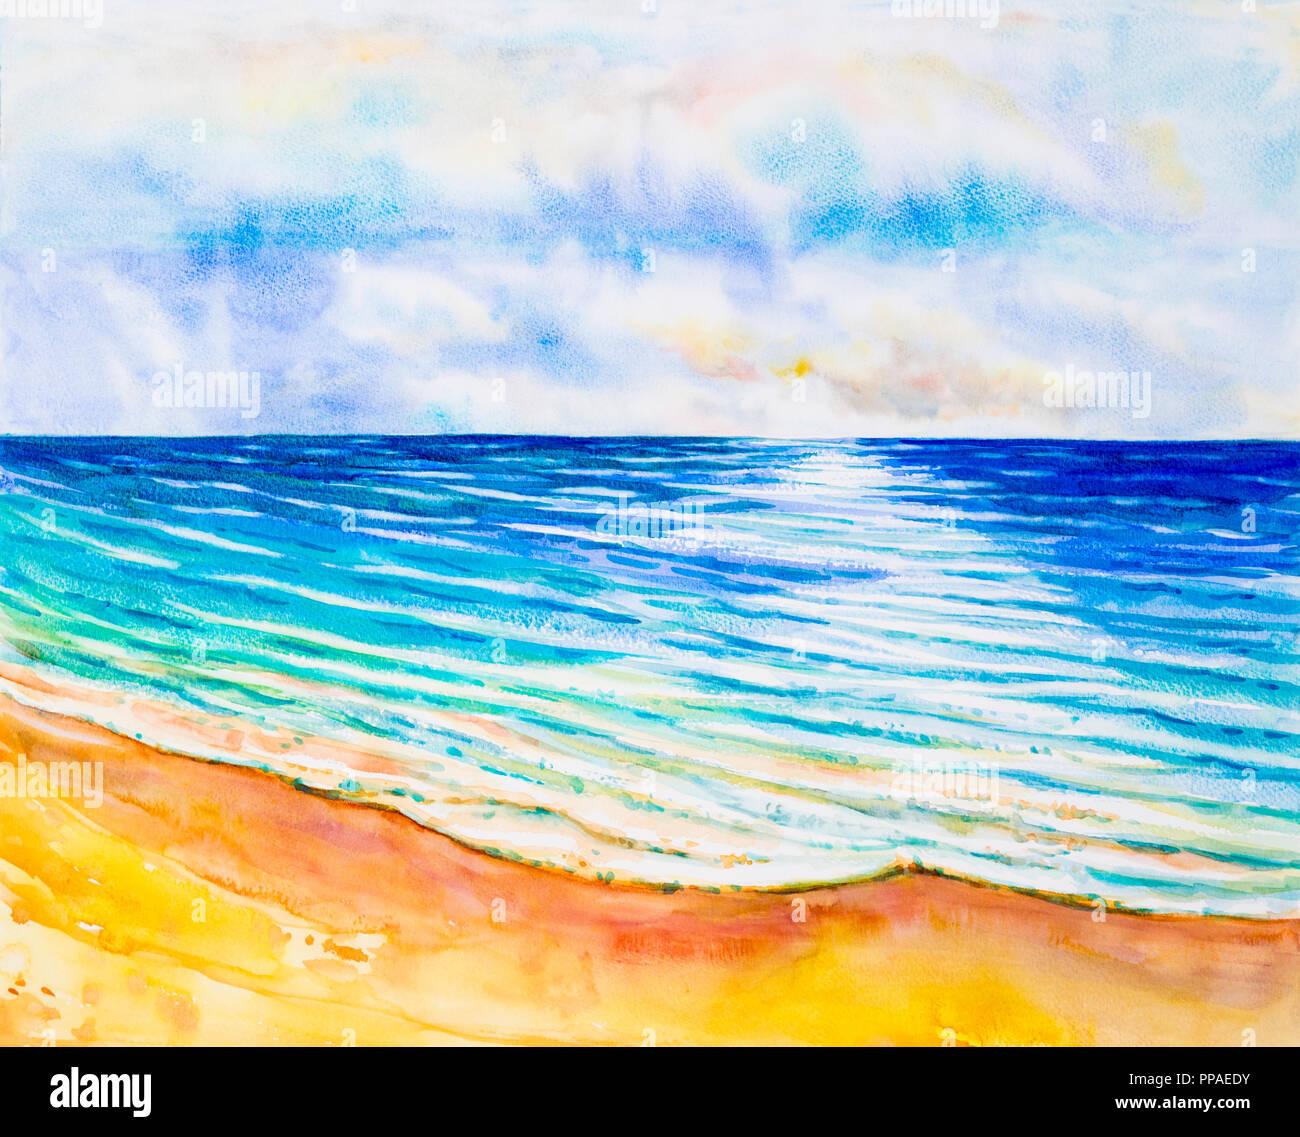 Seascape aquarelle peinture originale de couleur sur la mer, de la plage et le ciel,fond de nuage le matin lumineux, la beauté de la nature saison. Impressionner peint Banque D'Images